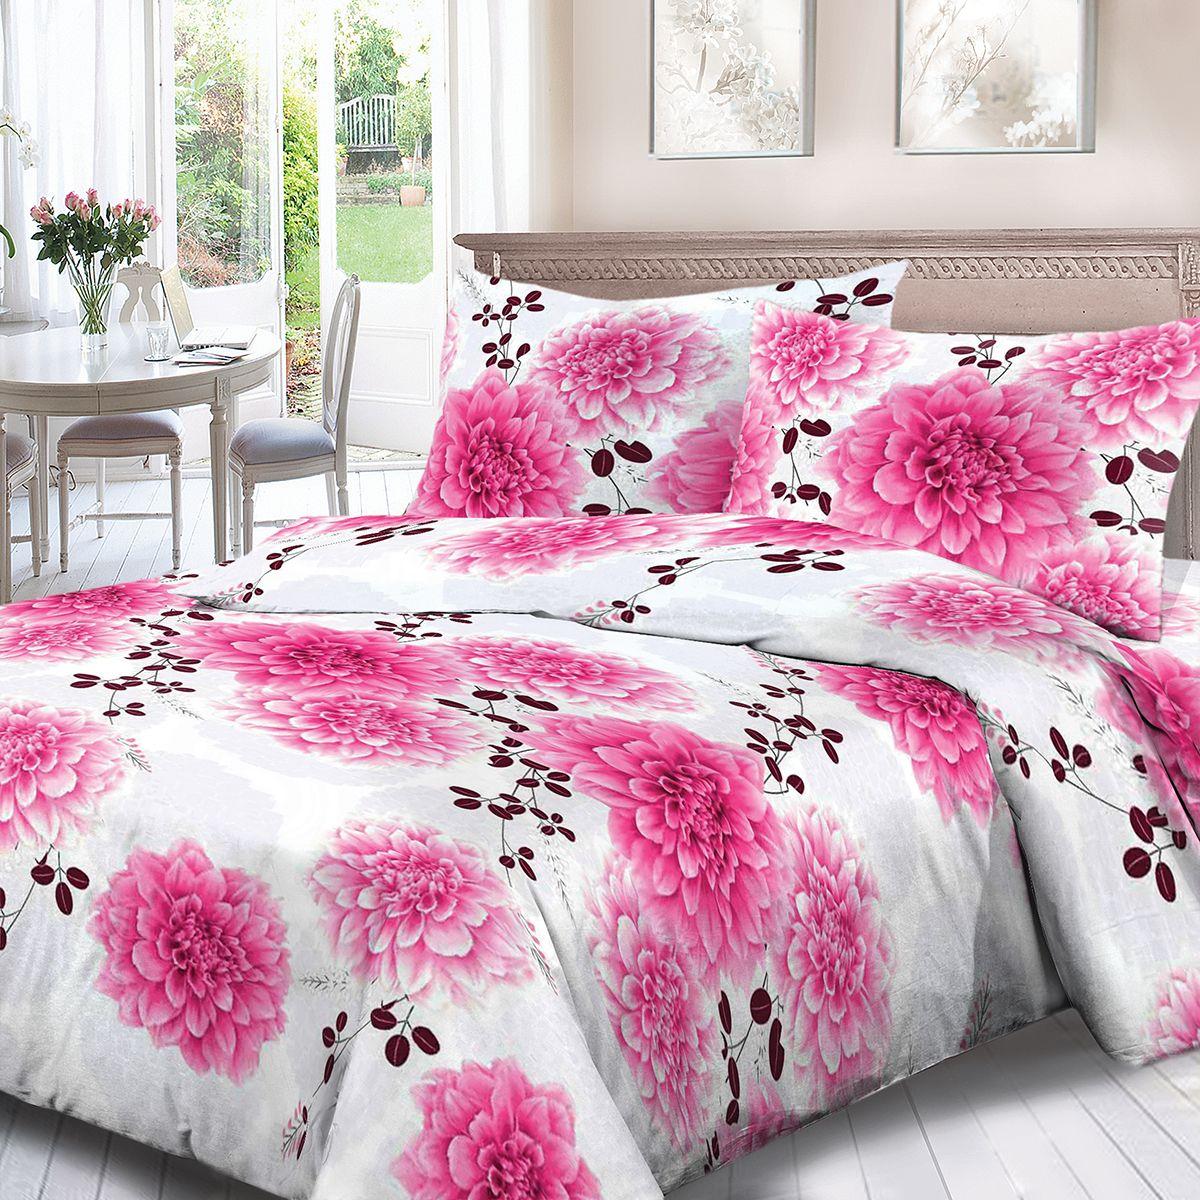 Комплект белья Для Снов Флер, 1,5-спальное, наволочки 70x70, цвет: розовый90887Постельное белье из высококачественного поплина ( Ткань Традиция) , в составе которого находится только 100% мерсеризованный хлопок - это идеальный выбор современной женщины. Мерсеризация подчеркивает лучшие свойства хлопка:- Ткань прочнее обычной, при этом мягкая и шелковистая;- Цвета яркие и устойчивые;- Высокая гигроскопичность;- Меньше мнется, не линяет и не садится при многократных стирках;При производстве используются только безопасные красители ведущего швейцарского производителя BEZEMAКоллекция отличается тщательно проработанными современными дизайнами, разделенными на тематические группы. Созданные талантливыми европейскими и российскими художниками, они поражают своей нежной красотой, а восхитительная упаковка придает комплекту подарочный вид. Плотность ткани: 110 г/м.кв.